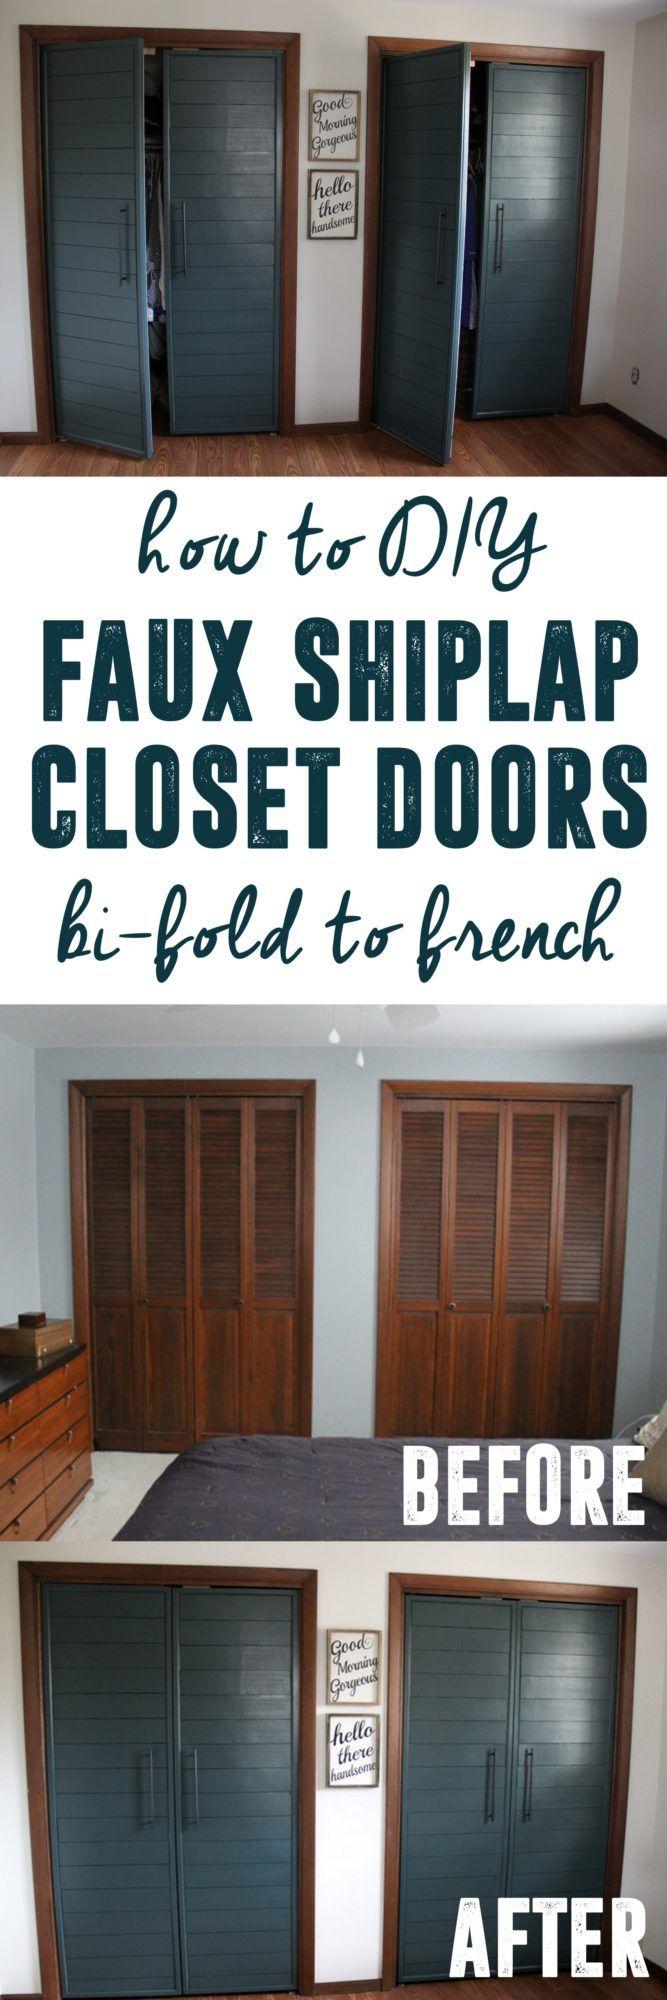 How to DIY bi-fold into French closet doors